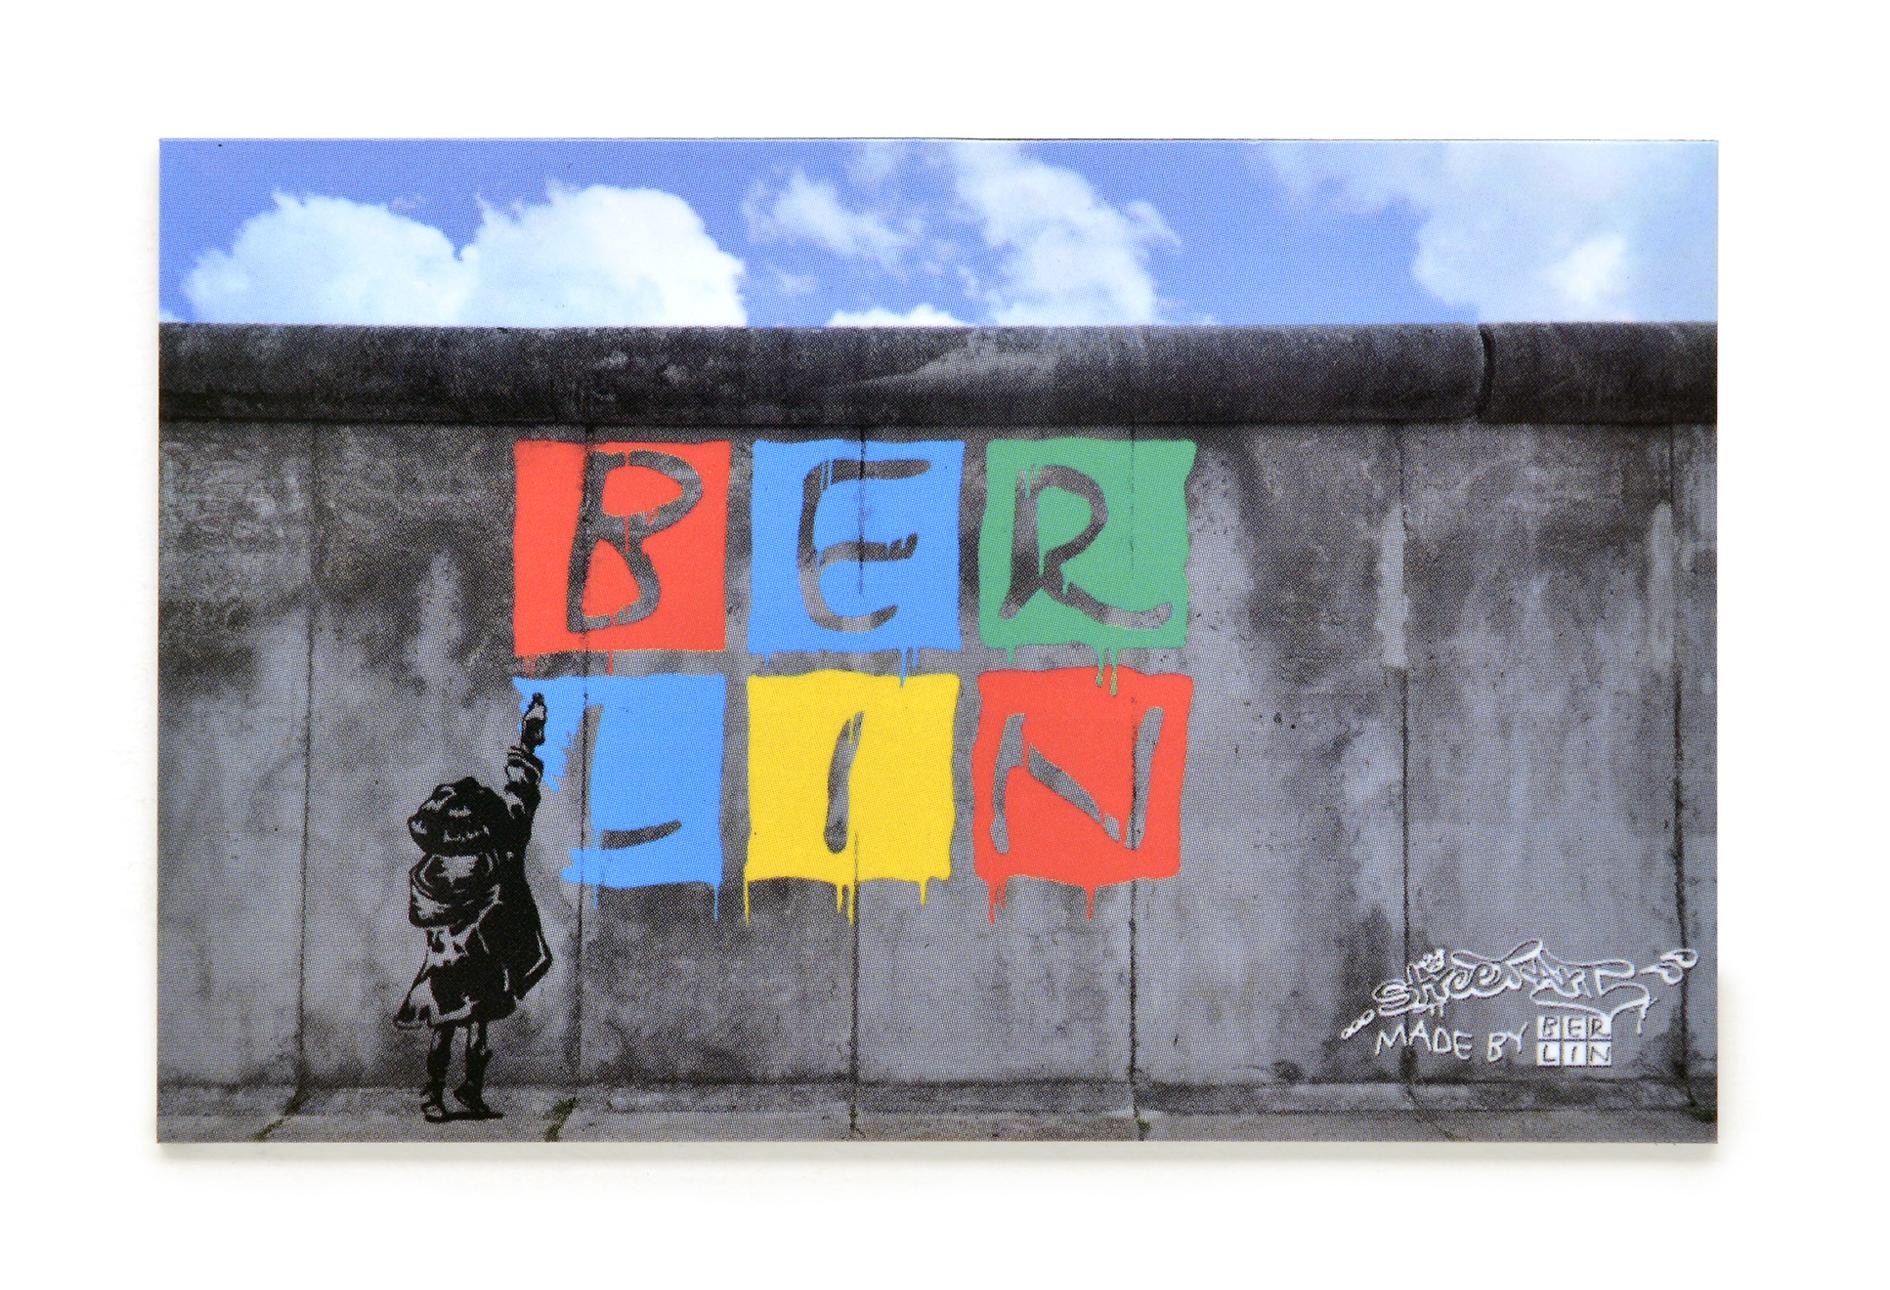 050-0211_flexi_Magnet_Streetart_Wall_Paint_2